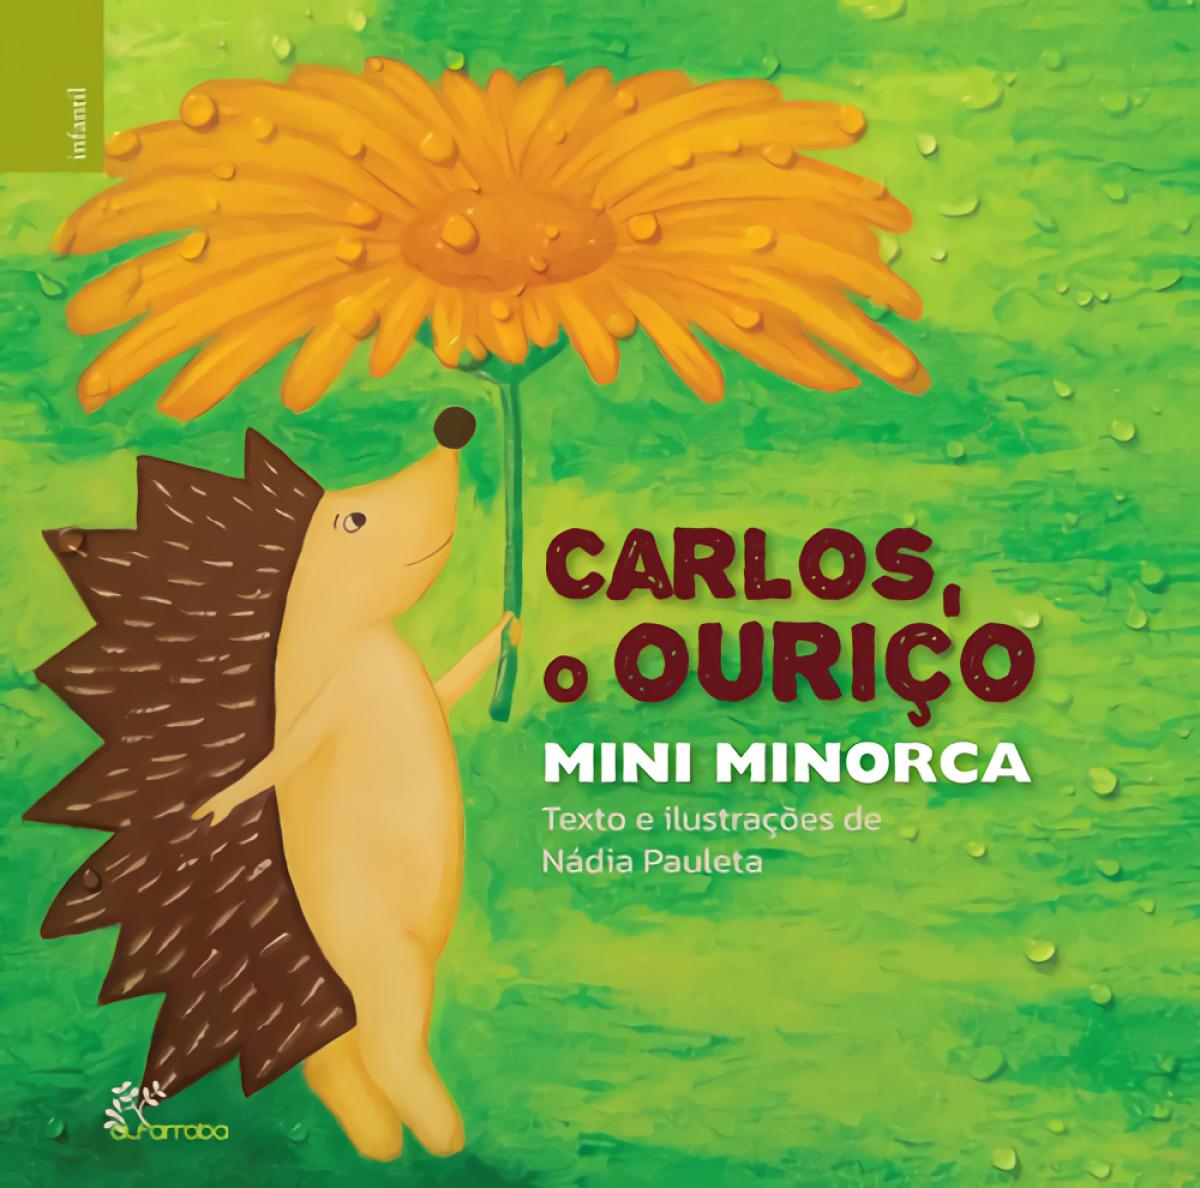 Carlos, o ouriço mini minorca